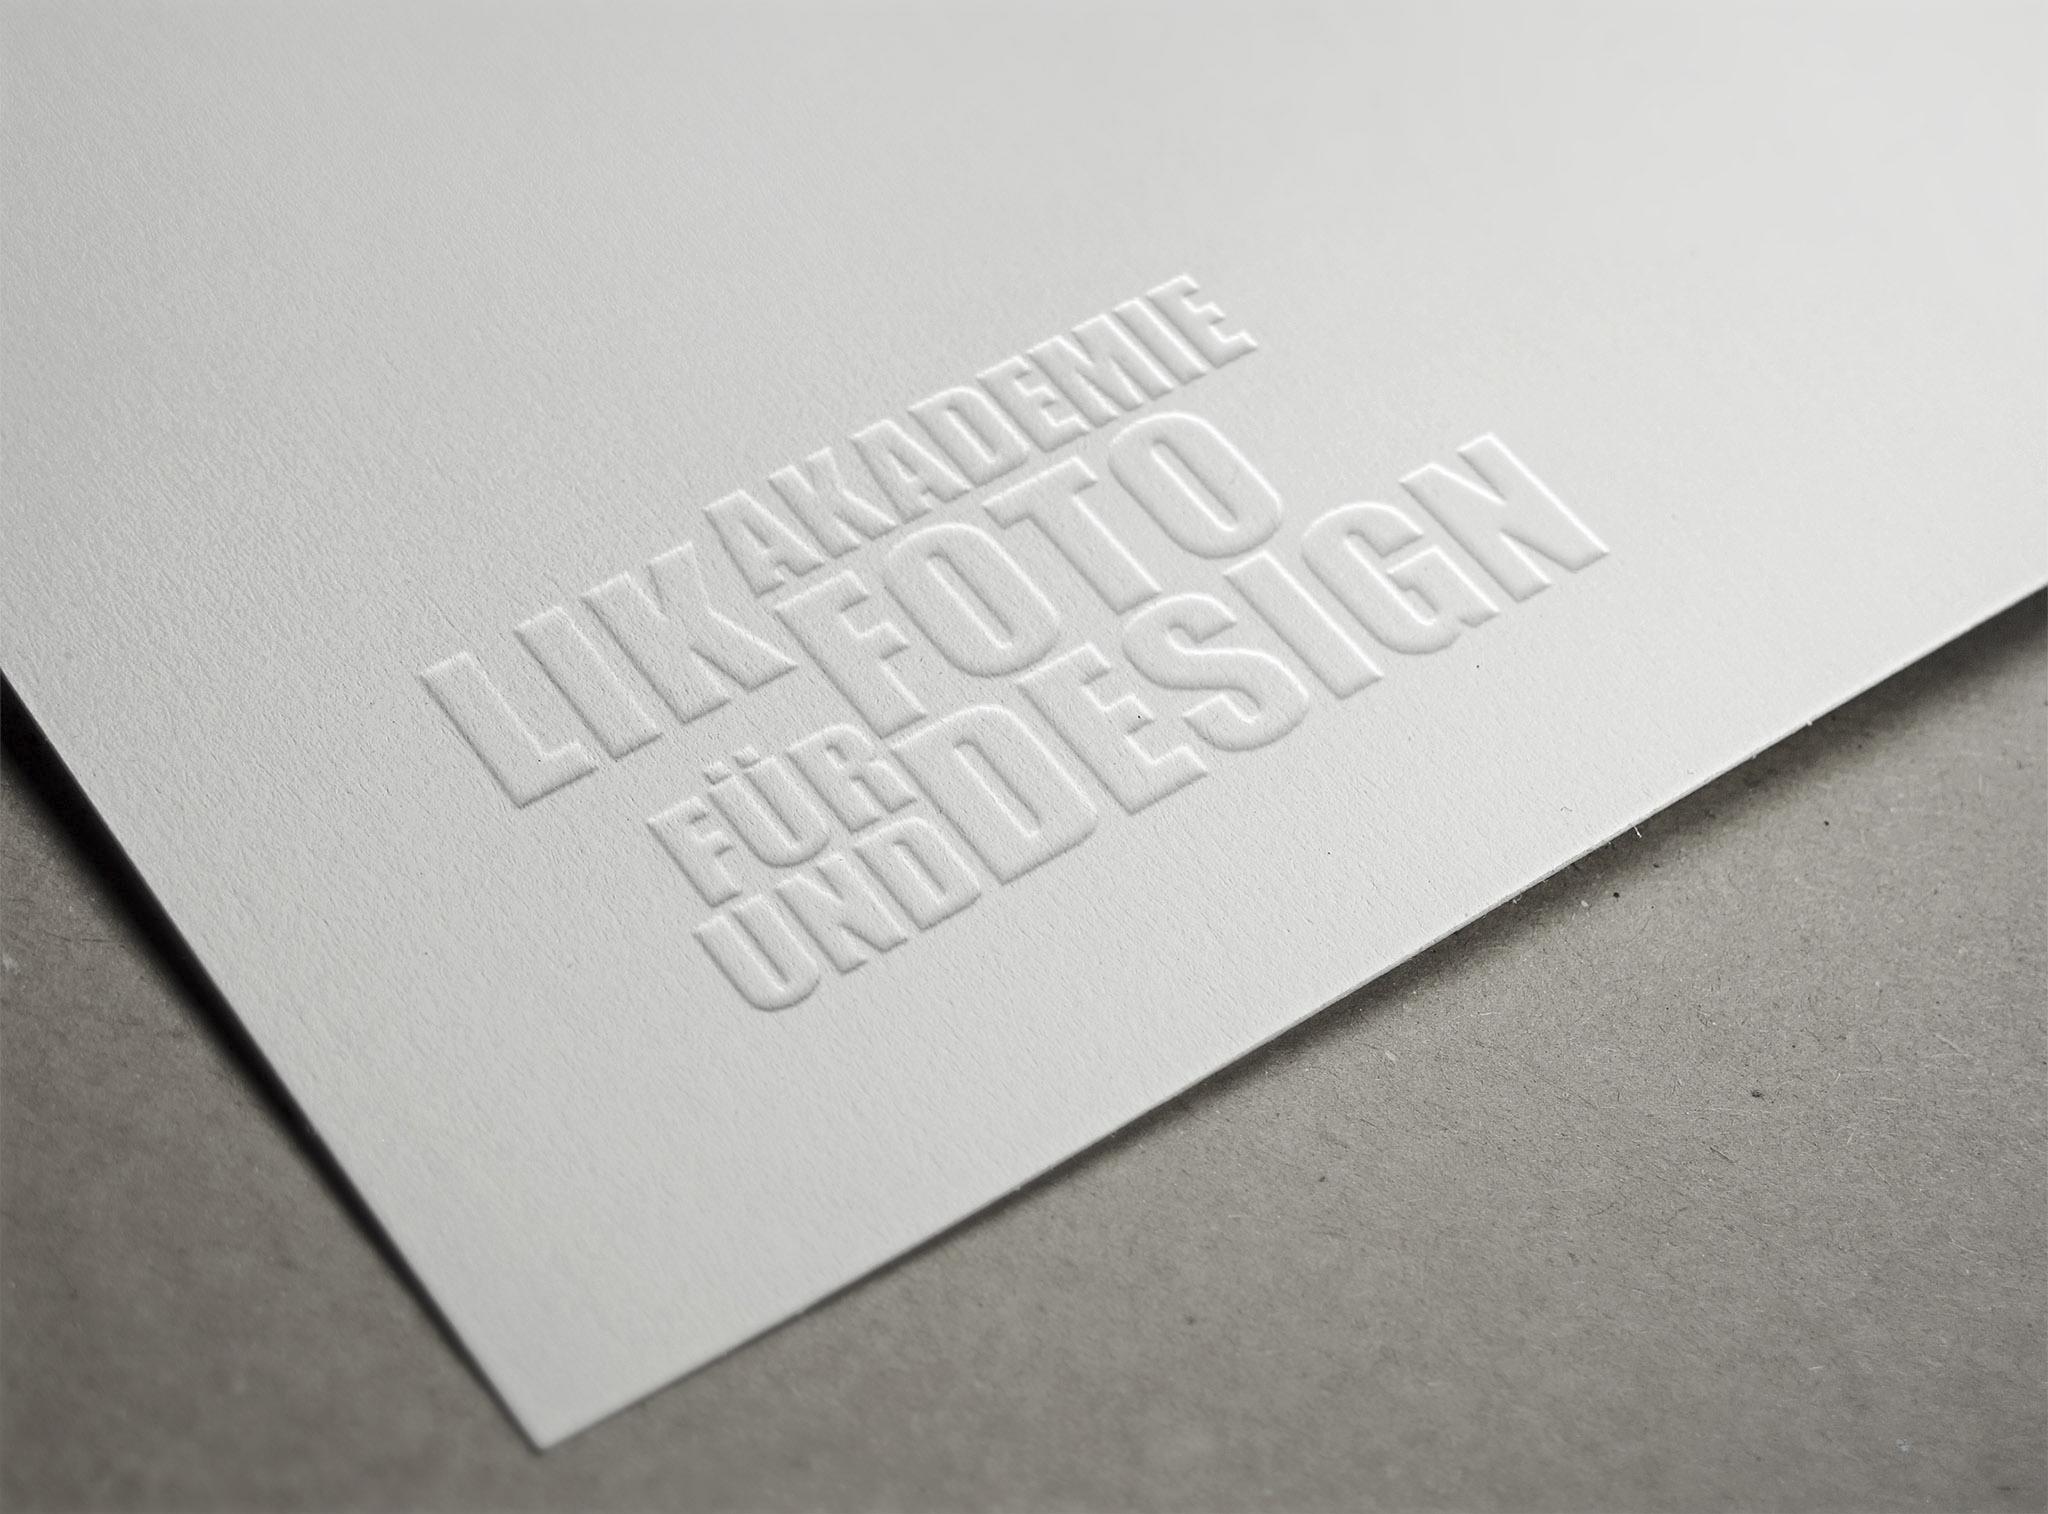 Desktoppublishing - LIK Akademie für Foto und Design